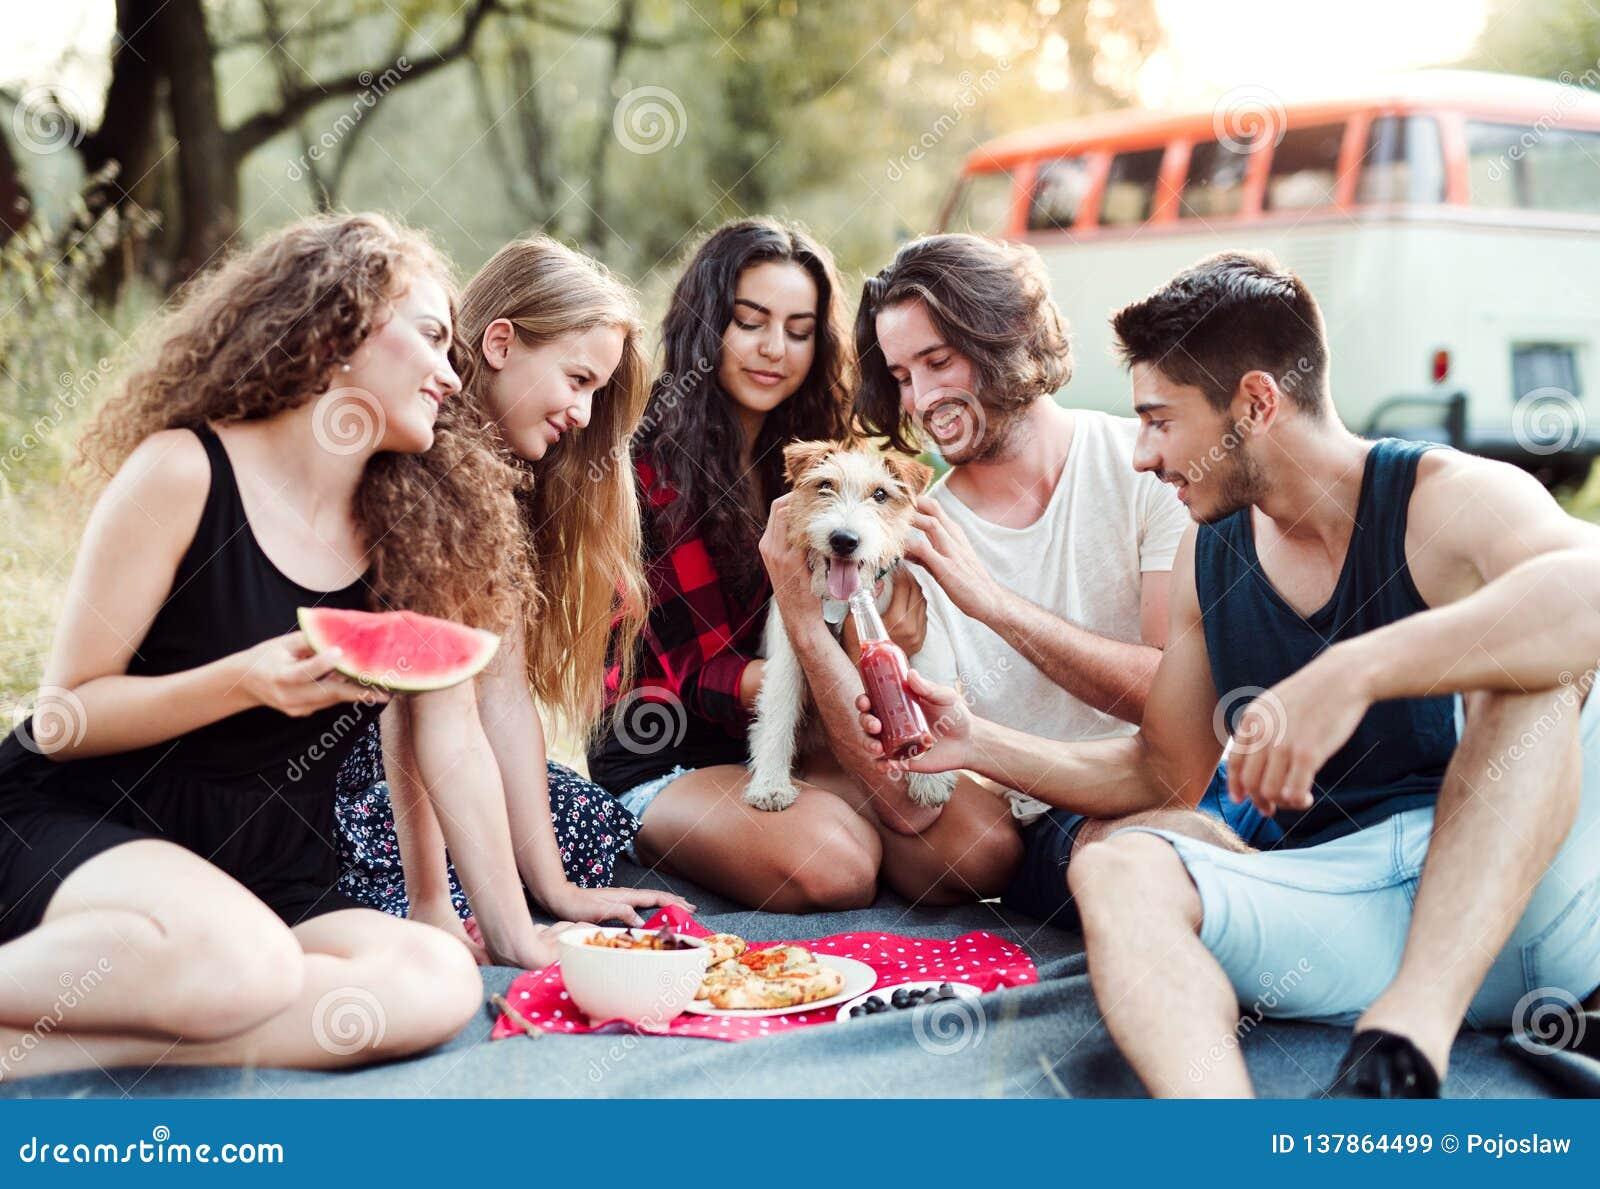 Eine Gruppe Freunde mit einem Hund, der auf dem Boden auf einem roadtrip durch Landschaft sitzt